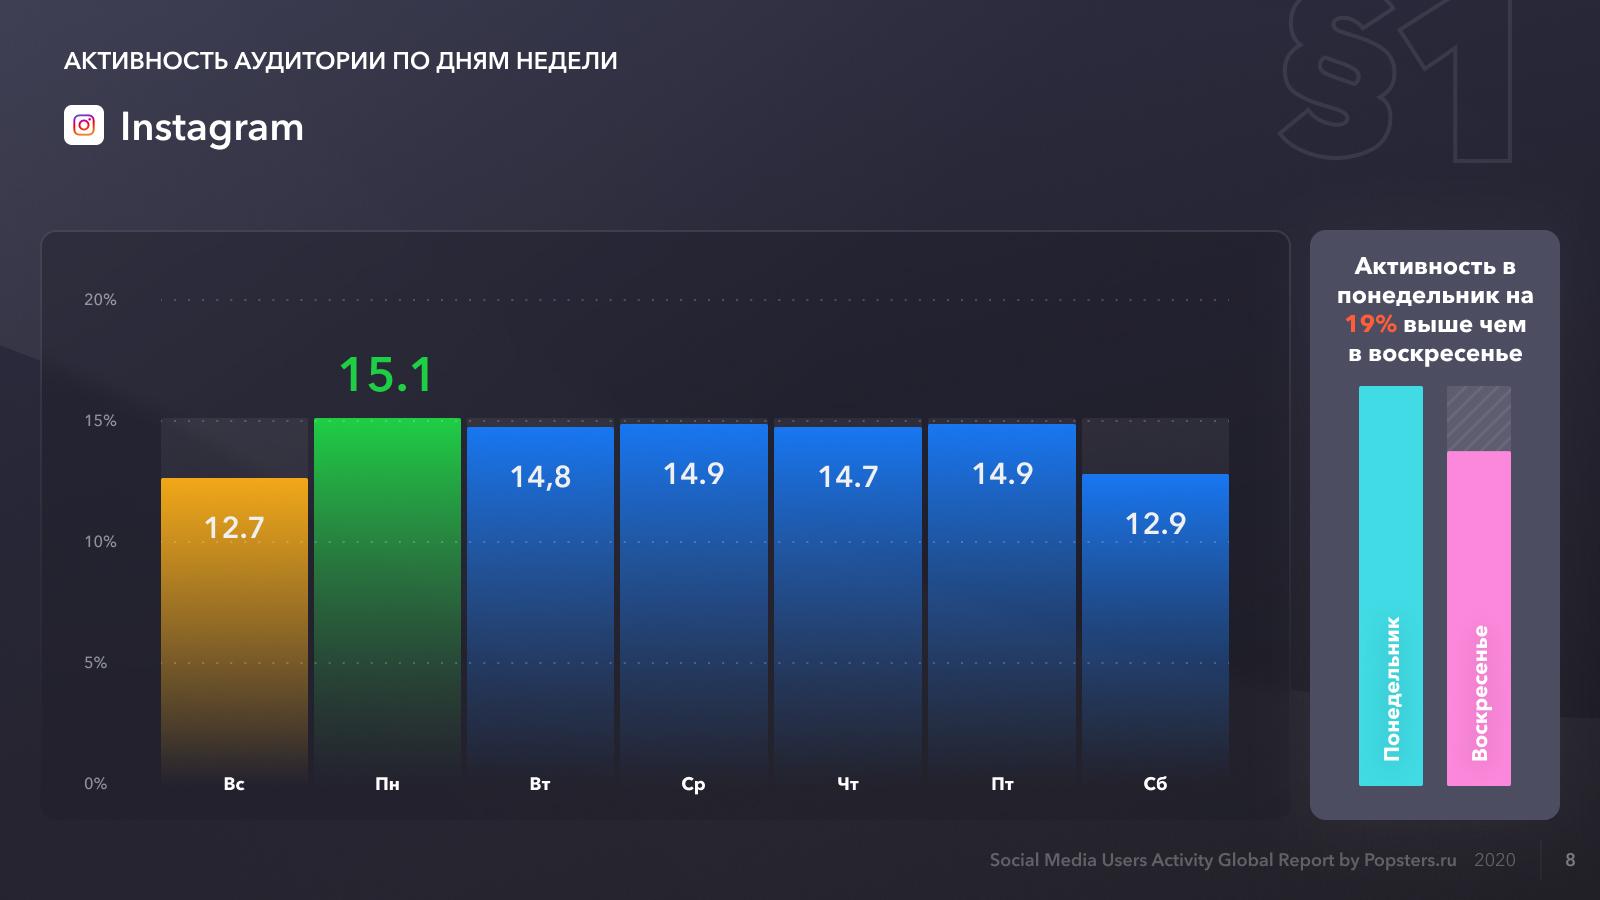 Относительная активность в Instagram по дням недели, данные за 2020 год